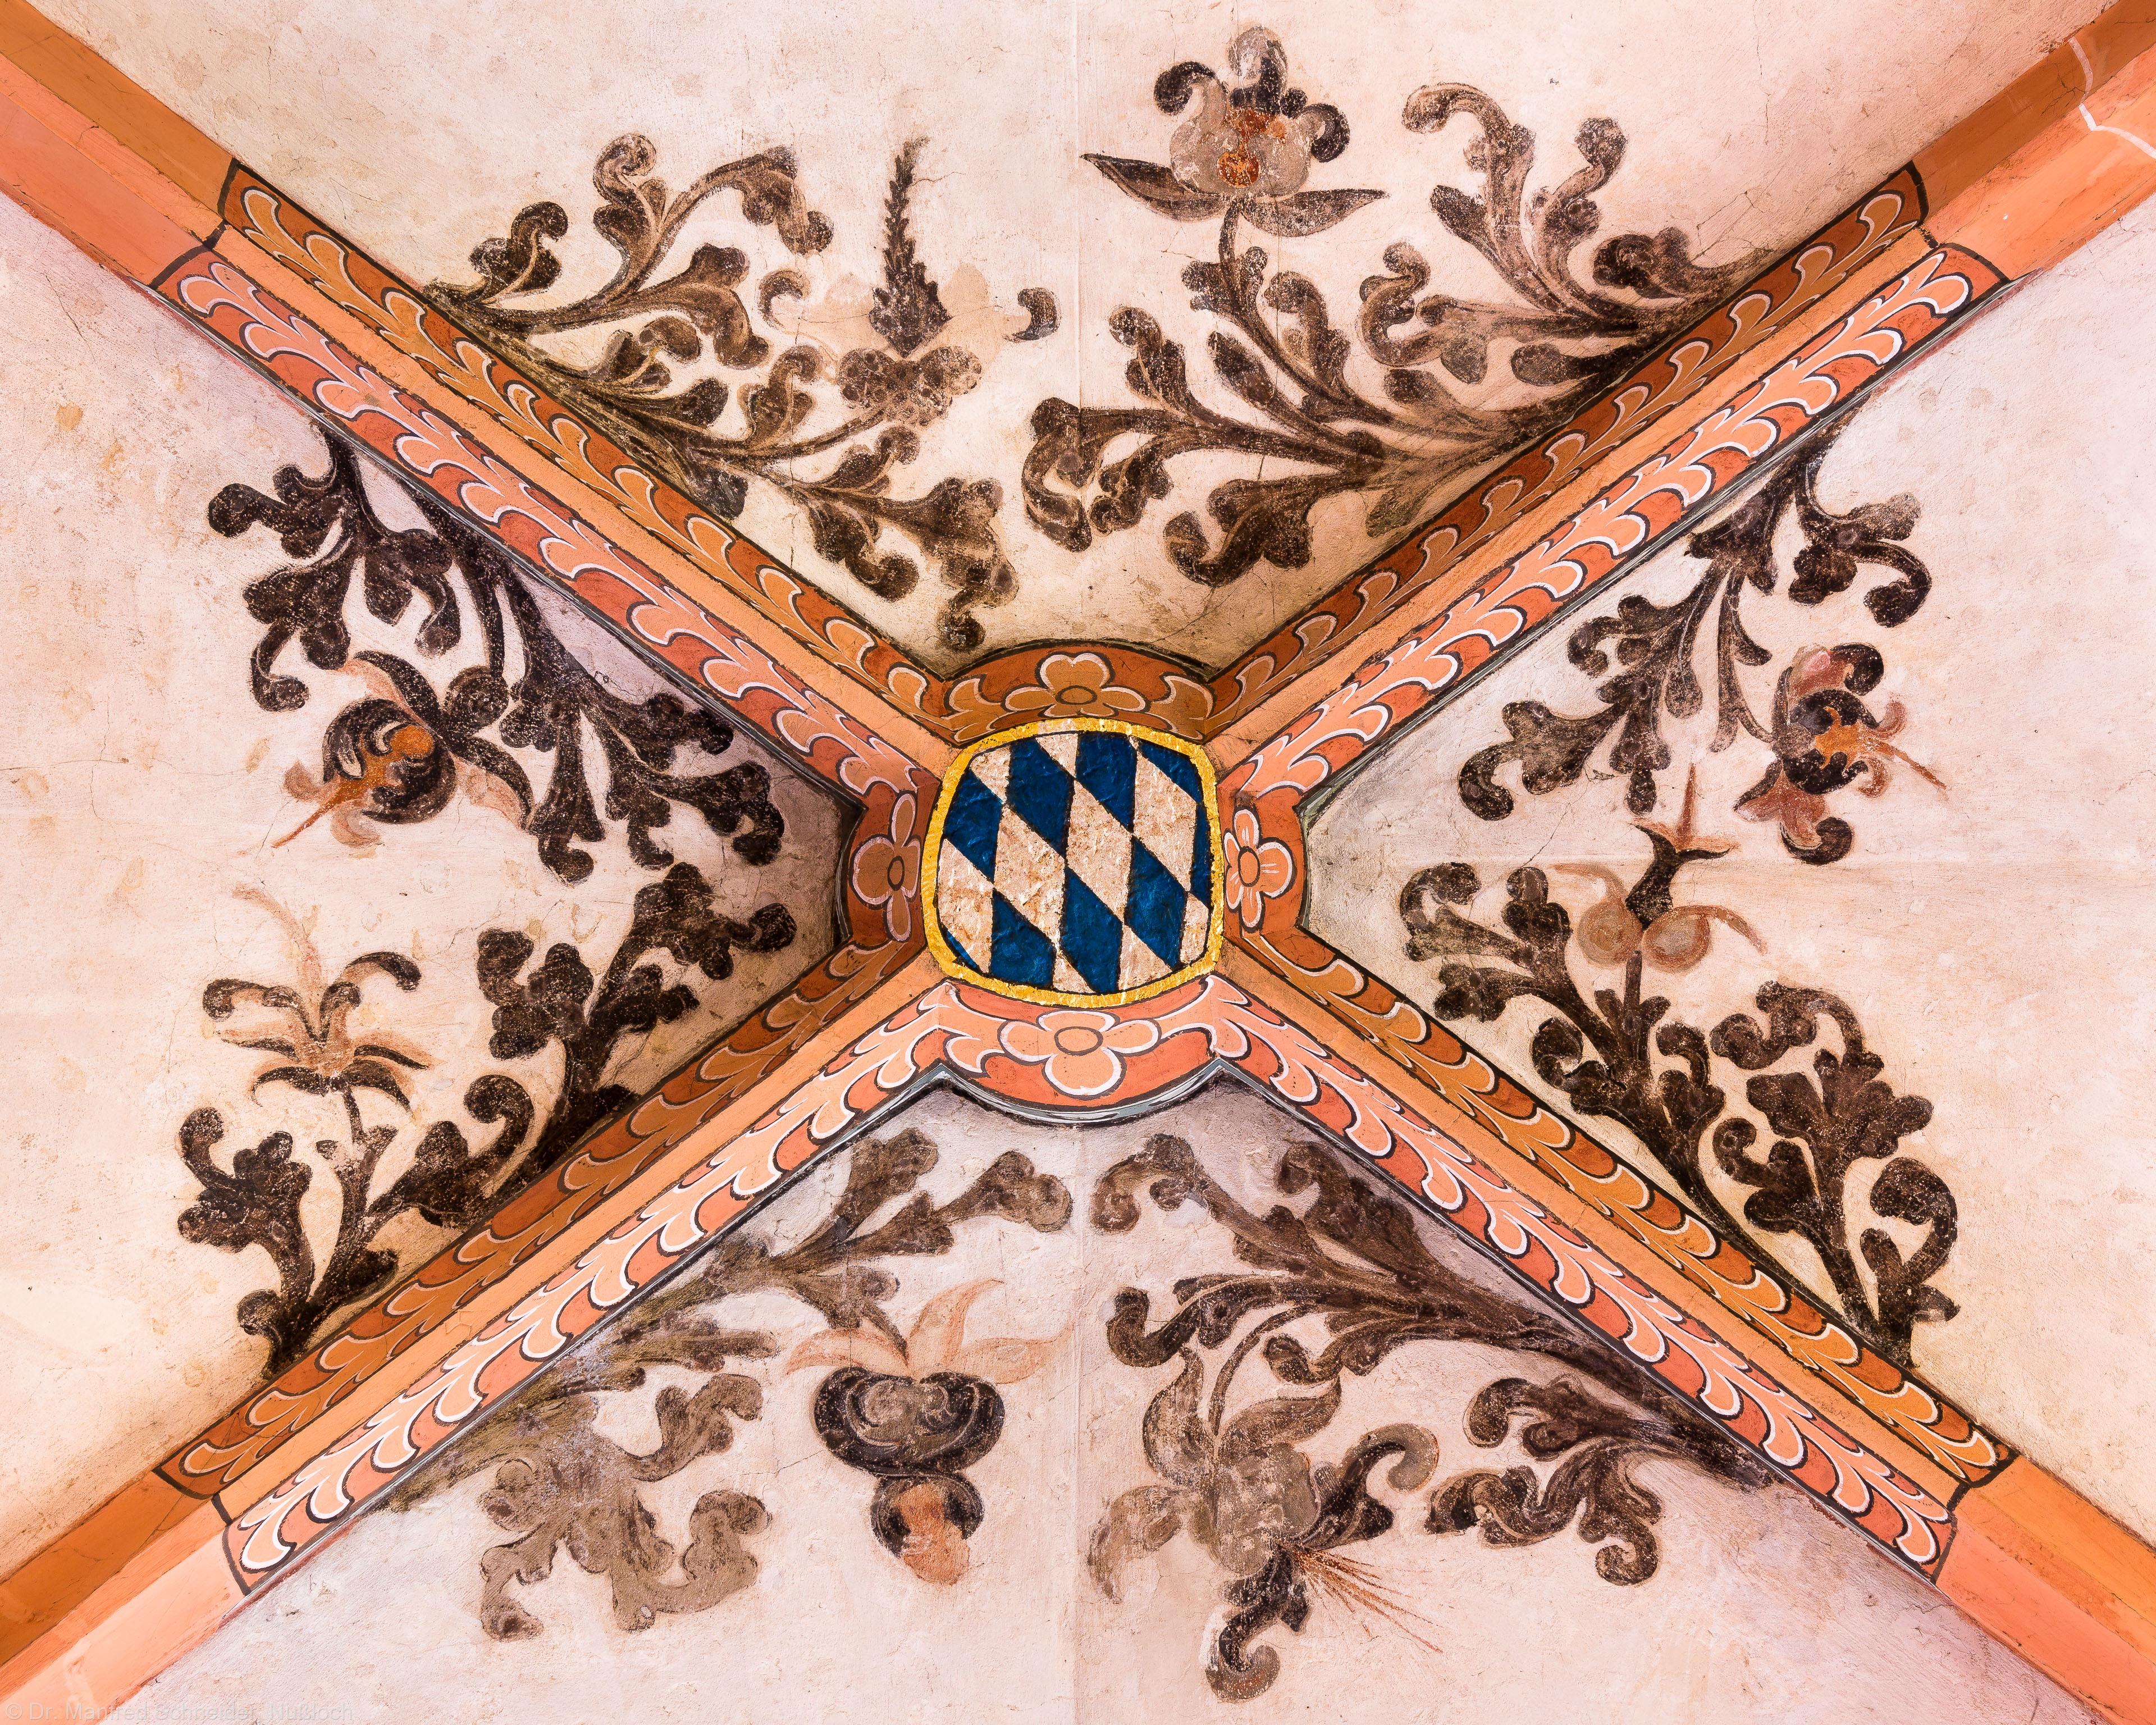 Heidelberg - Heiliggeistkirche - Südschiff - Schlußstein mit Ornament, 4. Joch, von Westen aus gezählt (aufgenommen im April 2015, am Nachmittag)